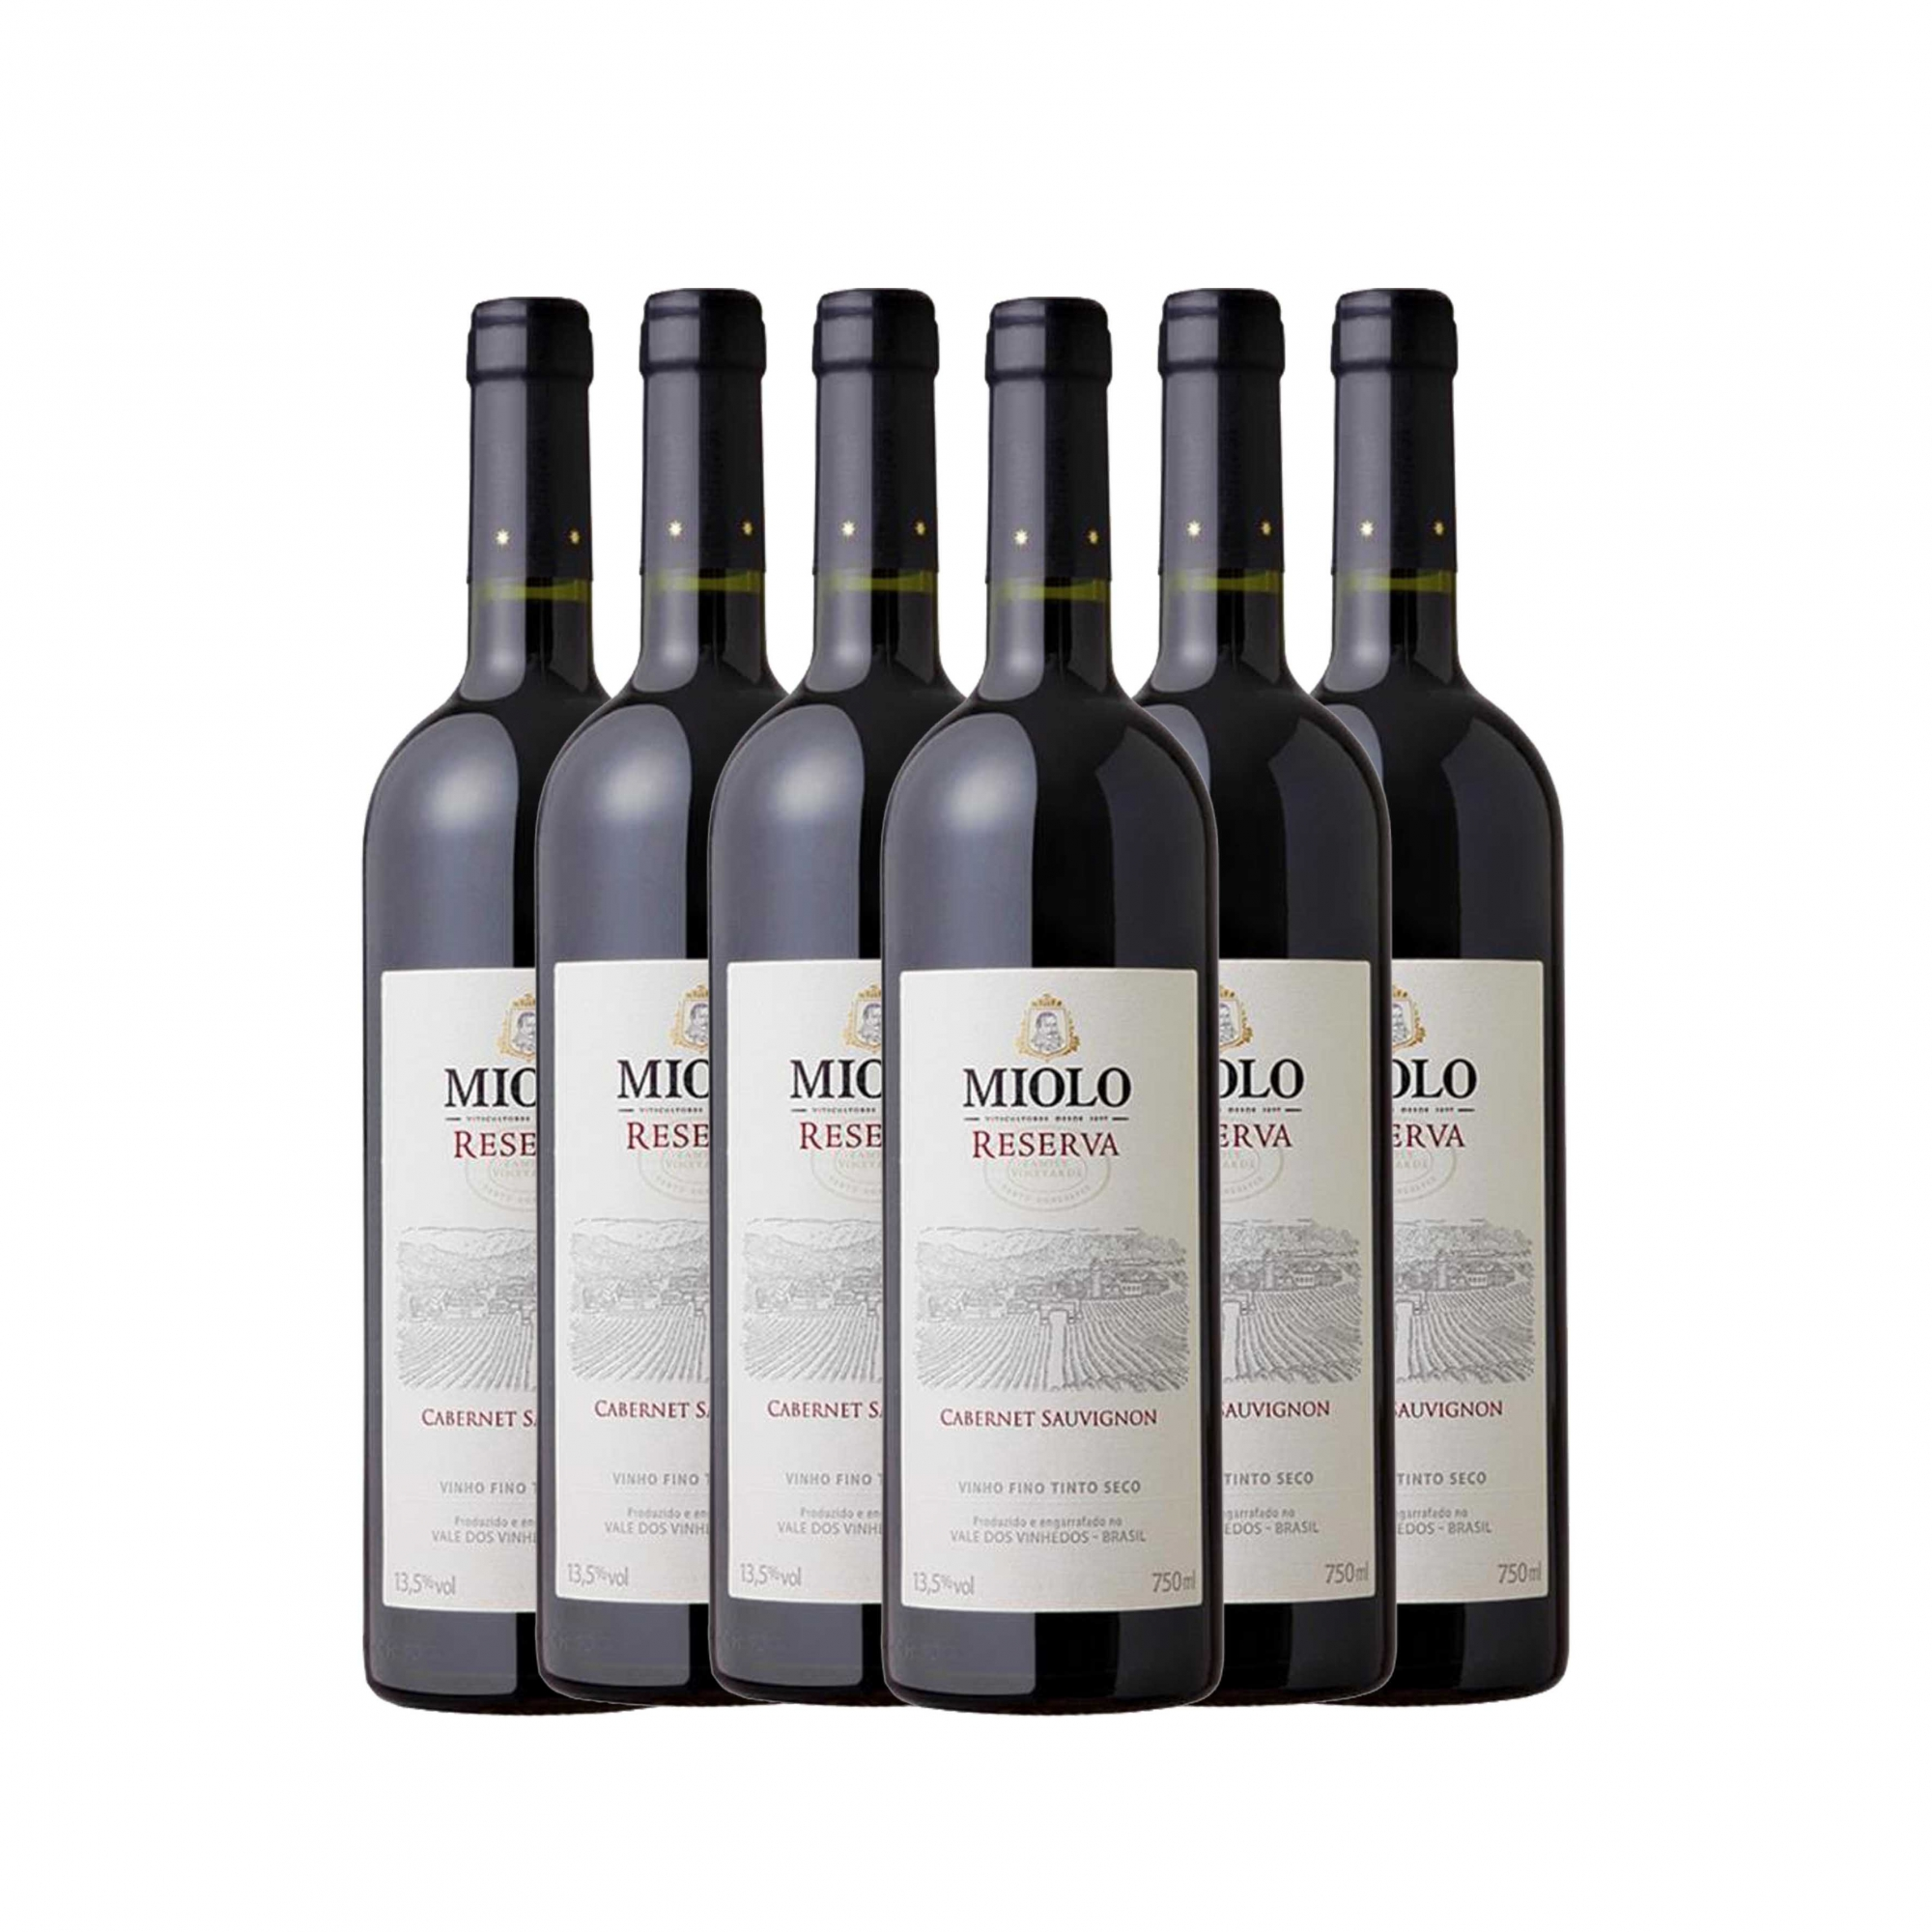 Kit 6x Vinho Brasileiro Tinto Miolo Reserva Cabernet Sauvignon 750ml